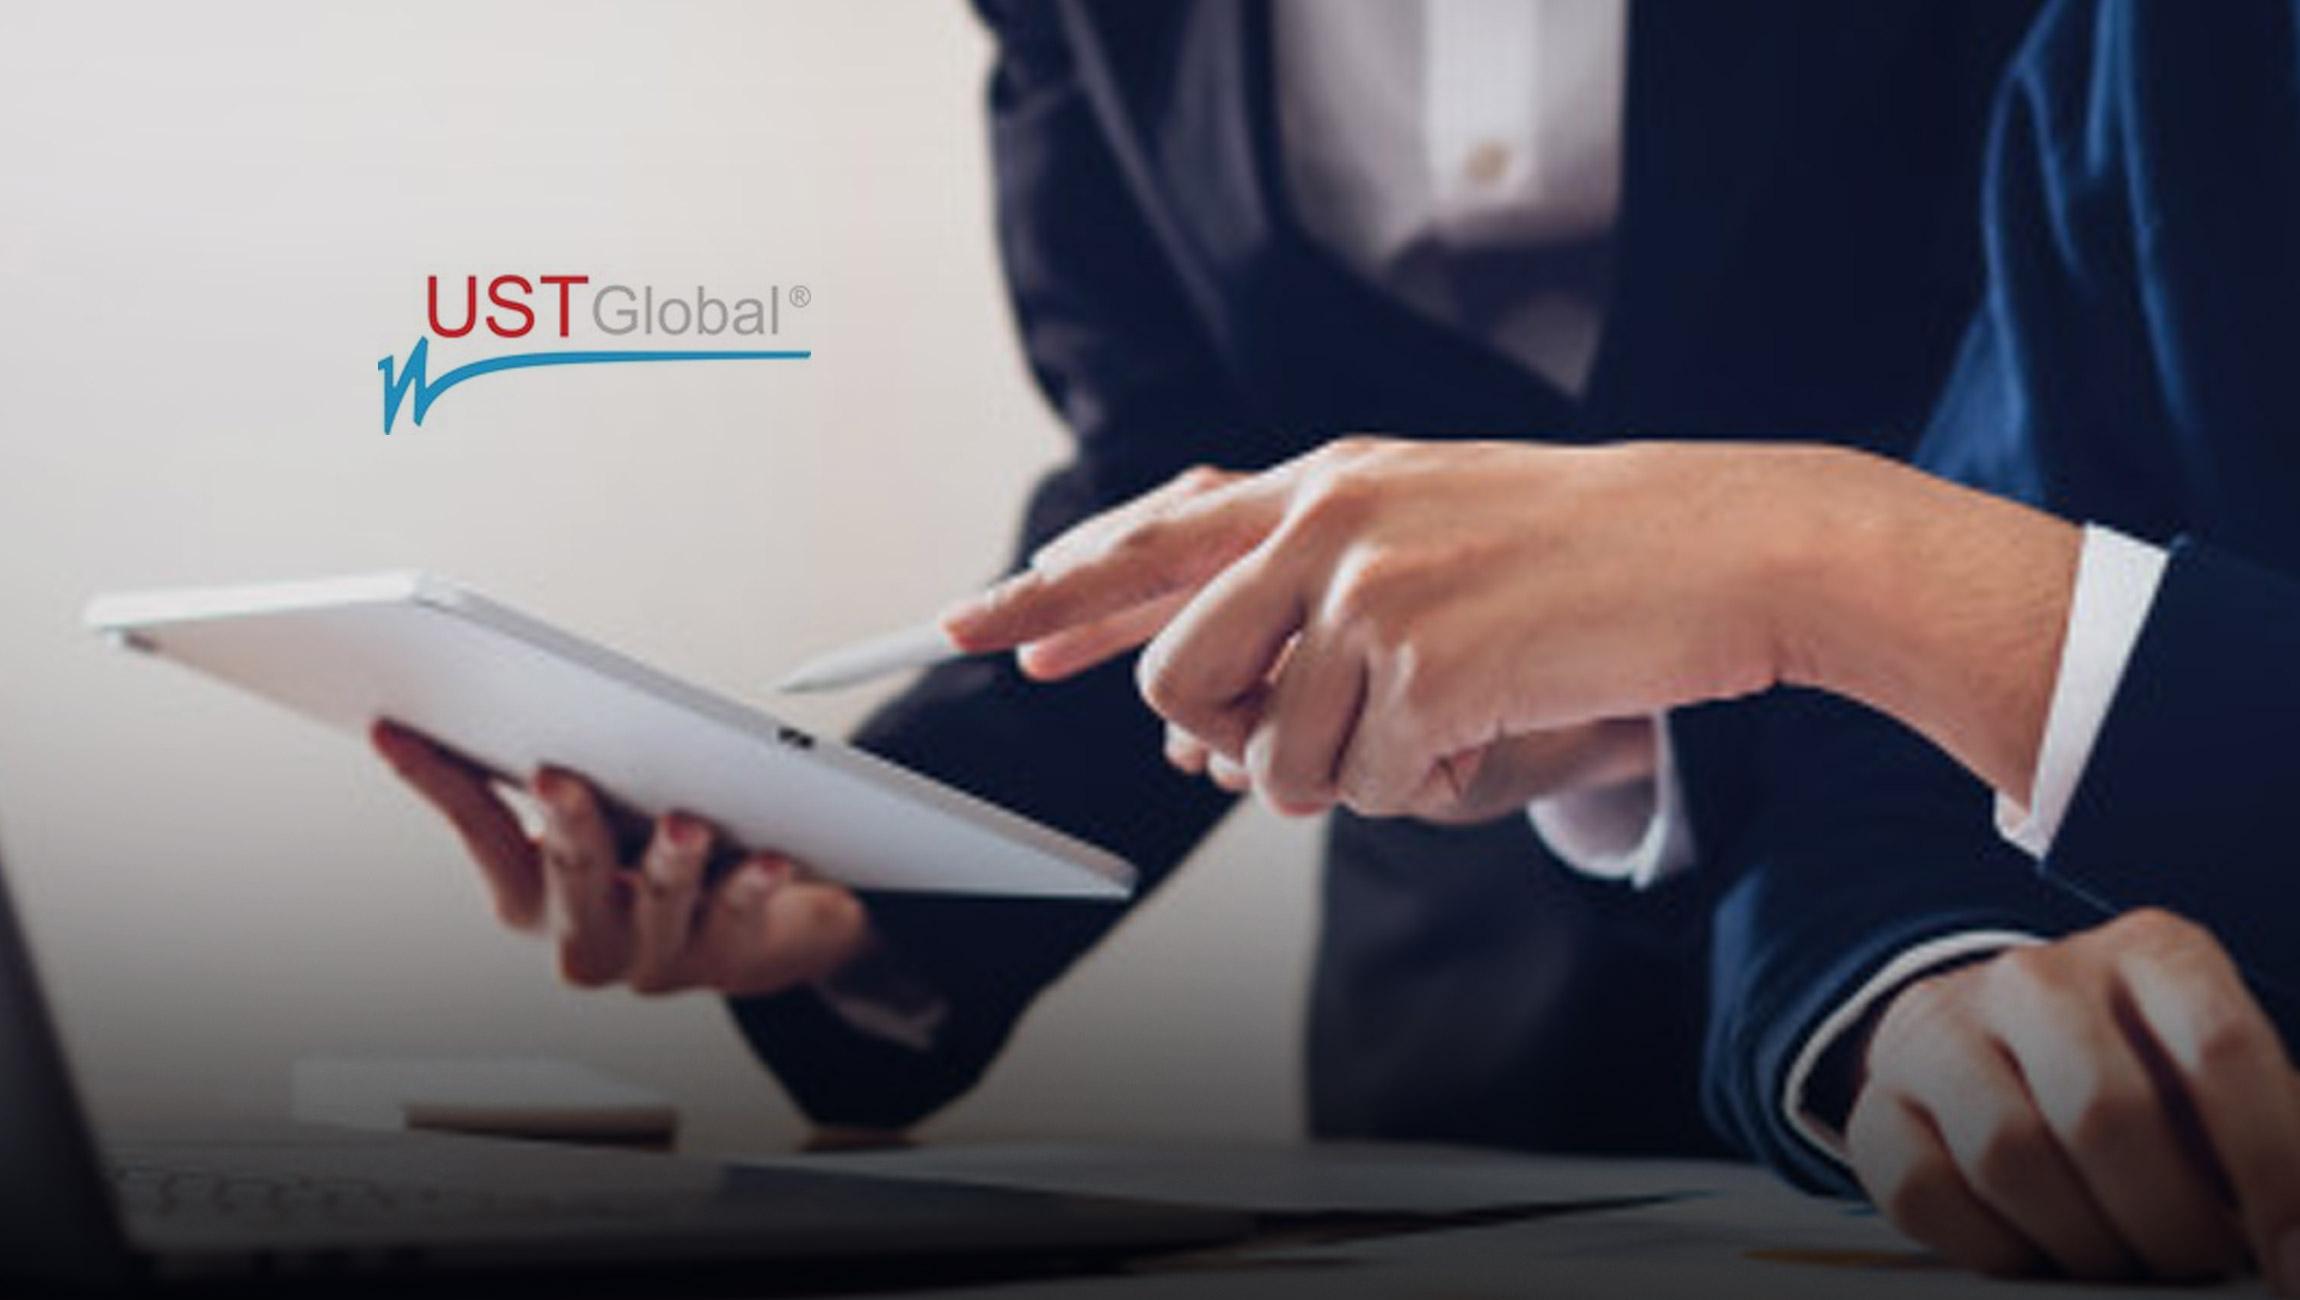 UST Global Makes Strategic Investment in Ksubaka